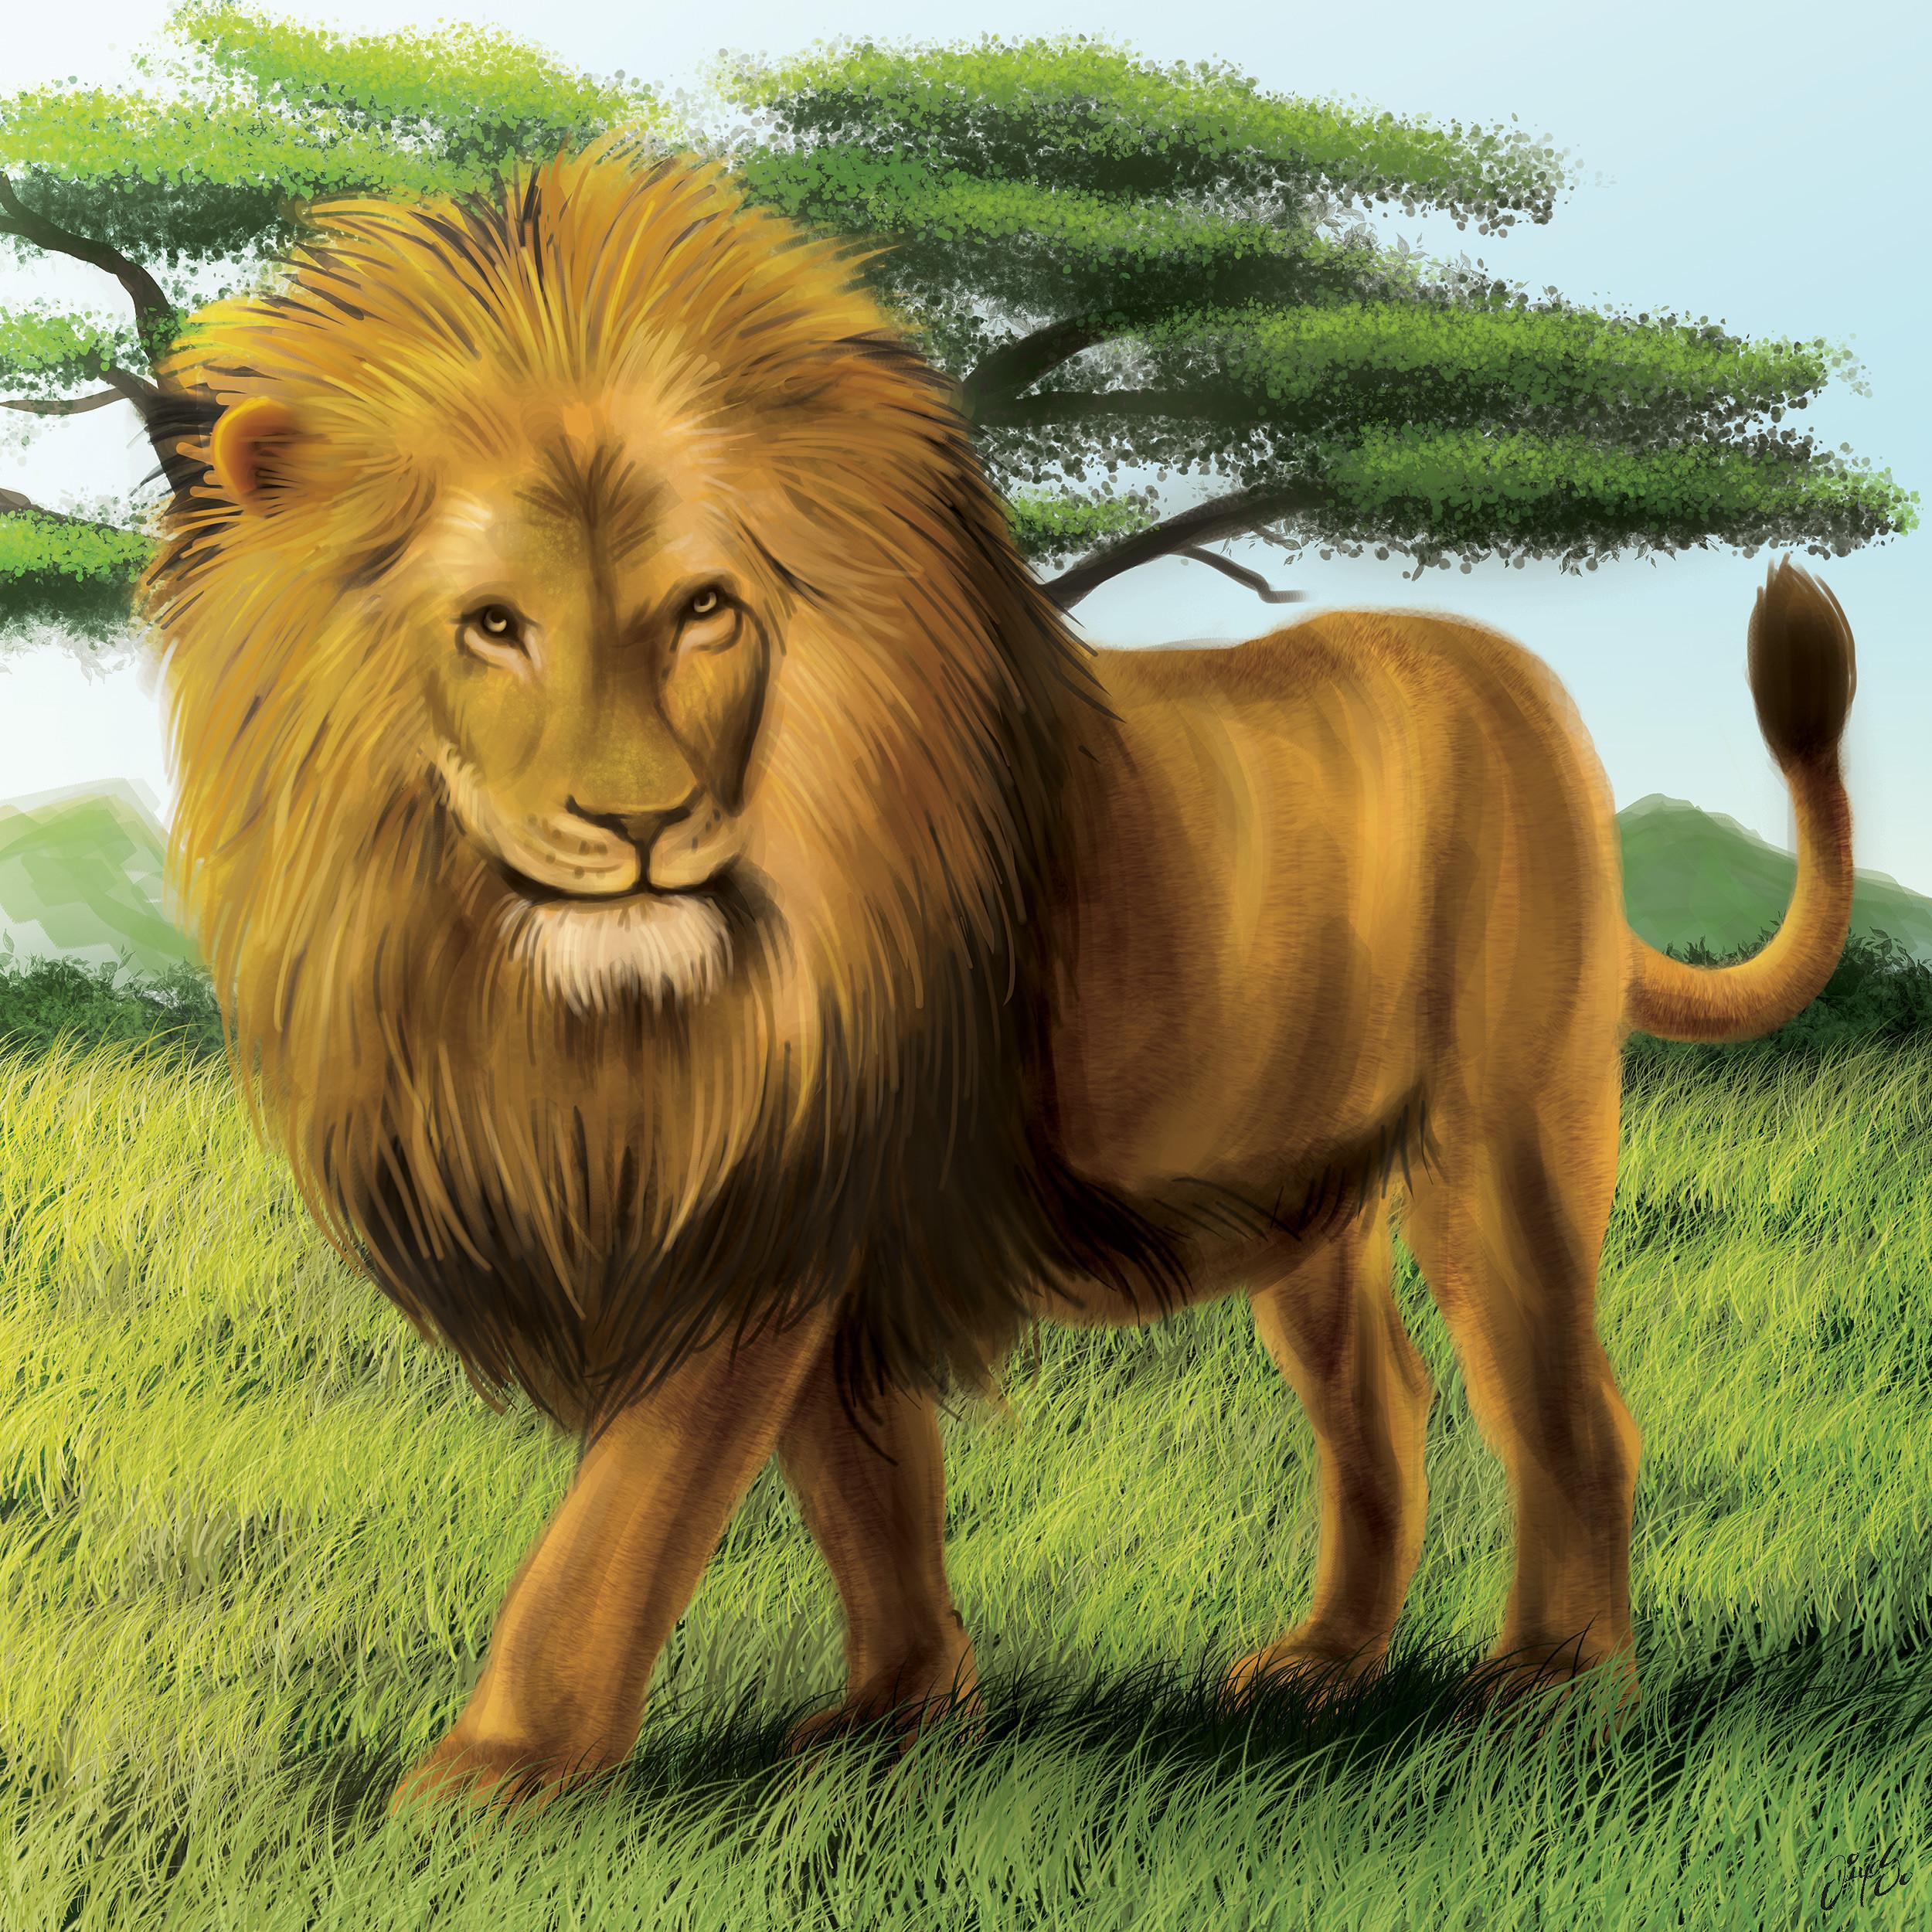 Tile illustration - Lion